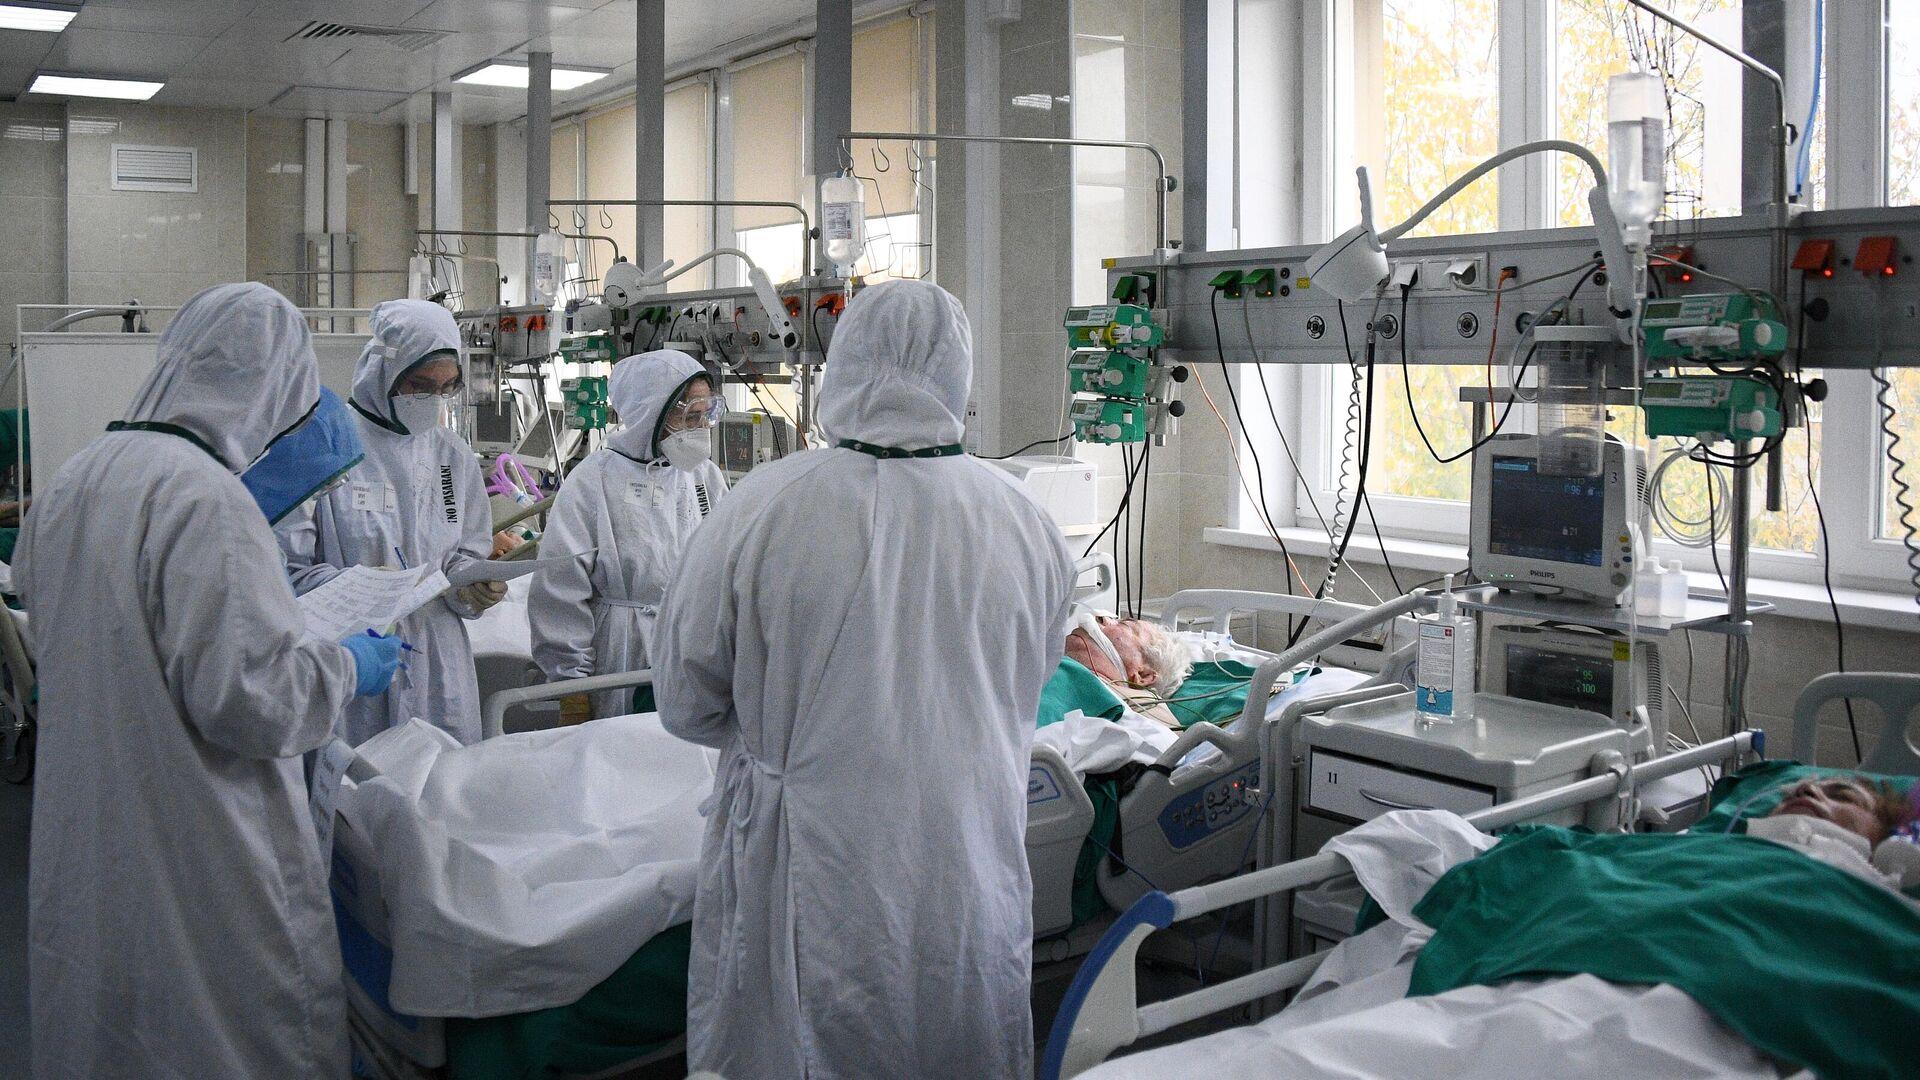 Медицинские работники в отделении реанимации и интенсивной терапии - РИА Новости, 1920, 24.11.2020